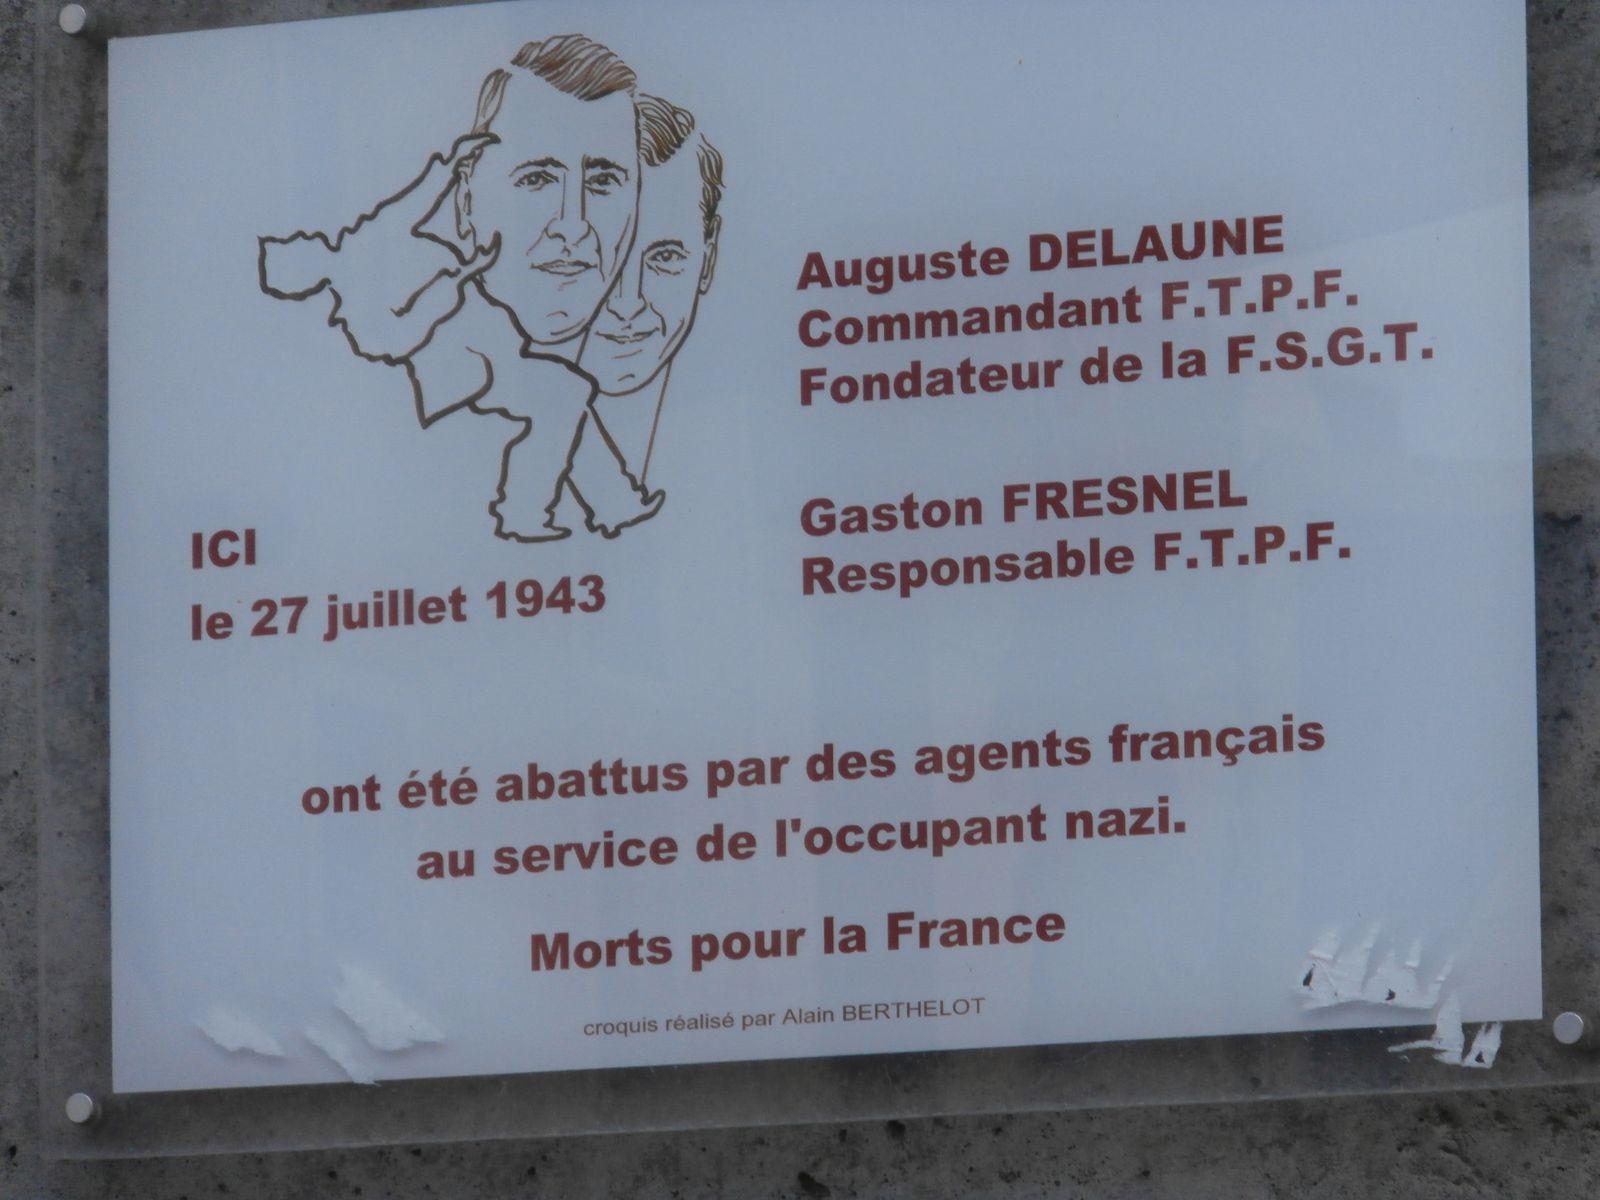 Rendez-vous l'année prochaine pour saluer la mémoire d'Auguste DELAUNE.